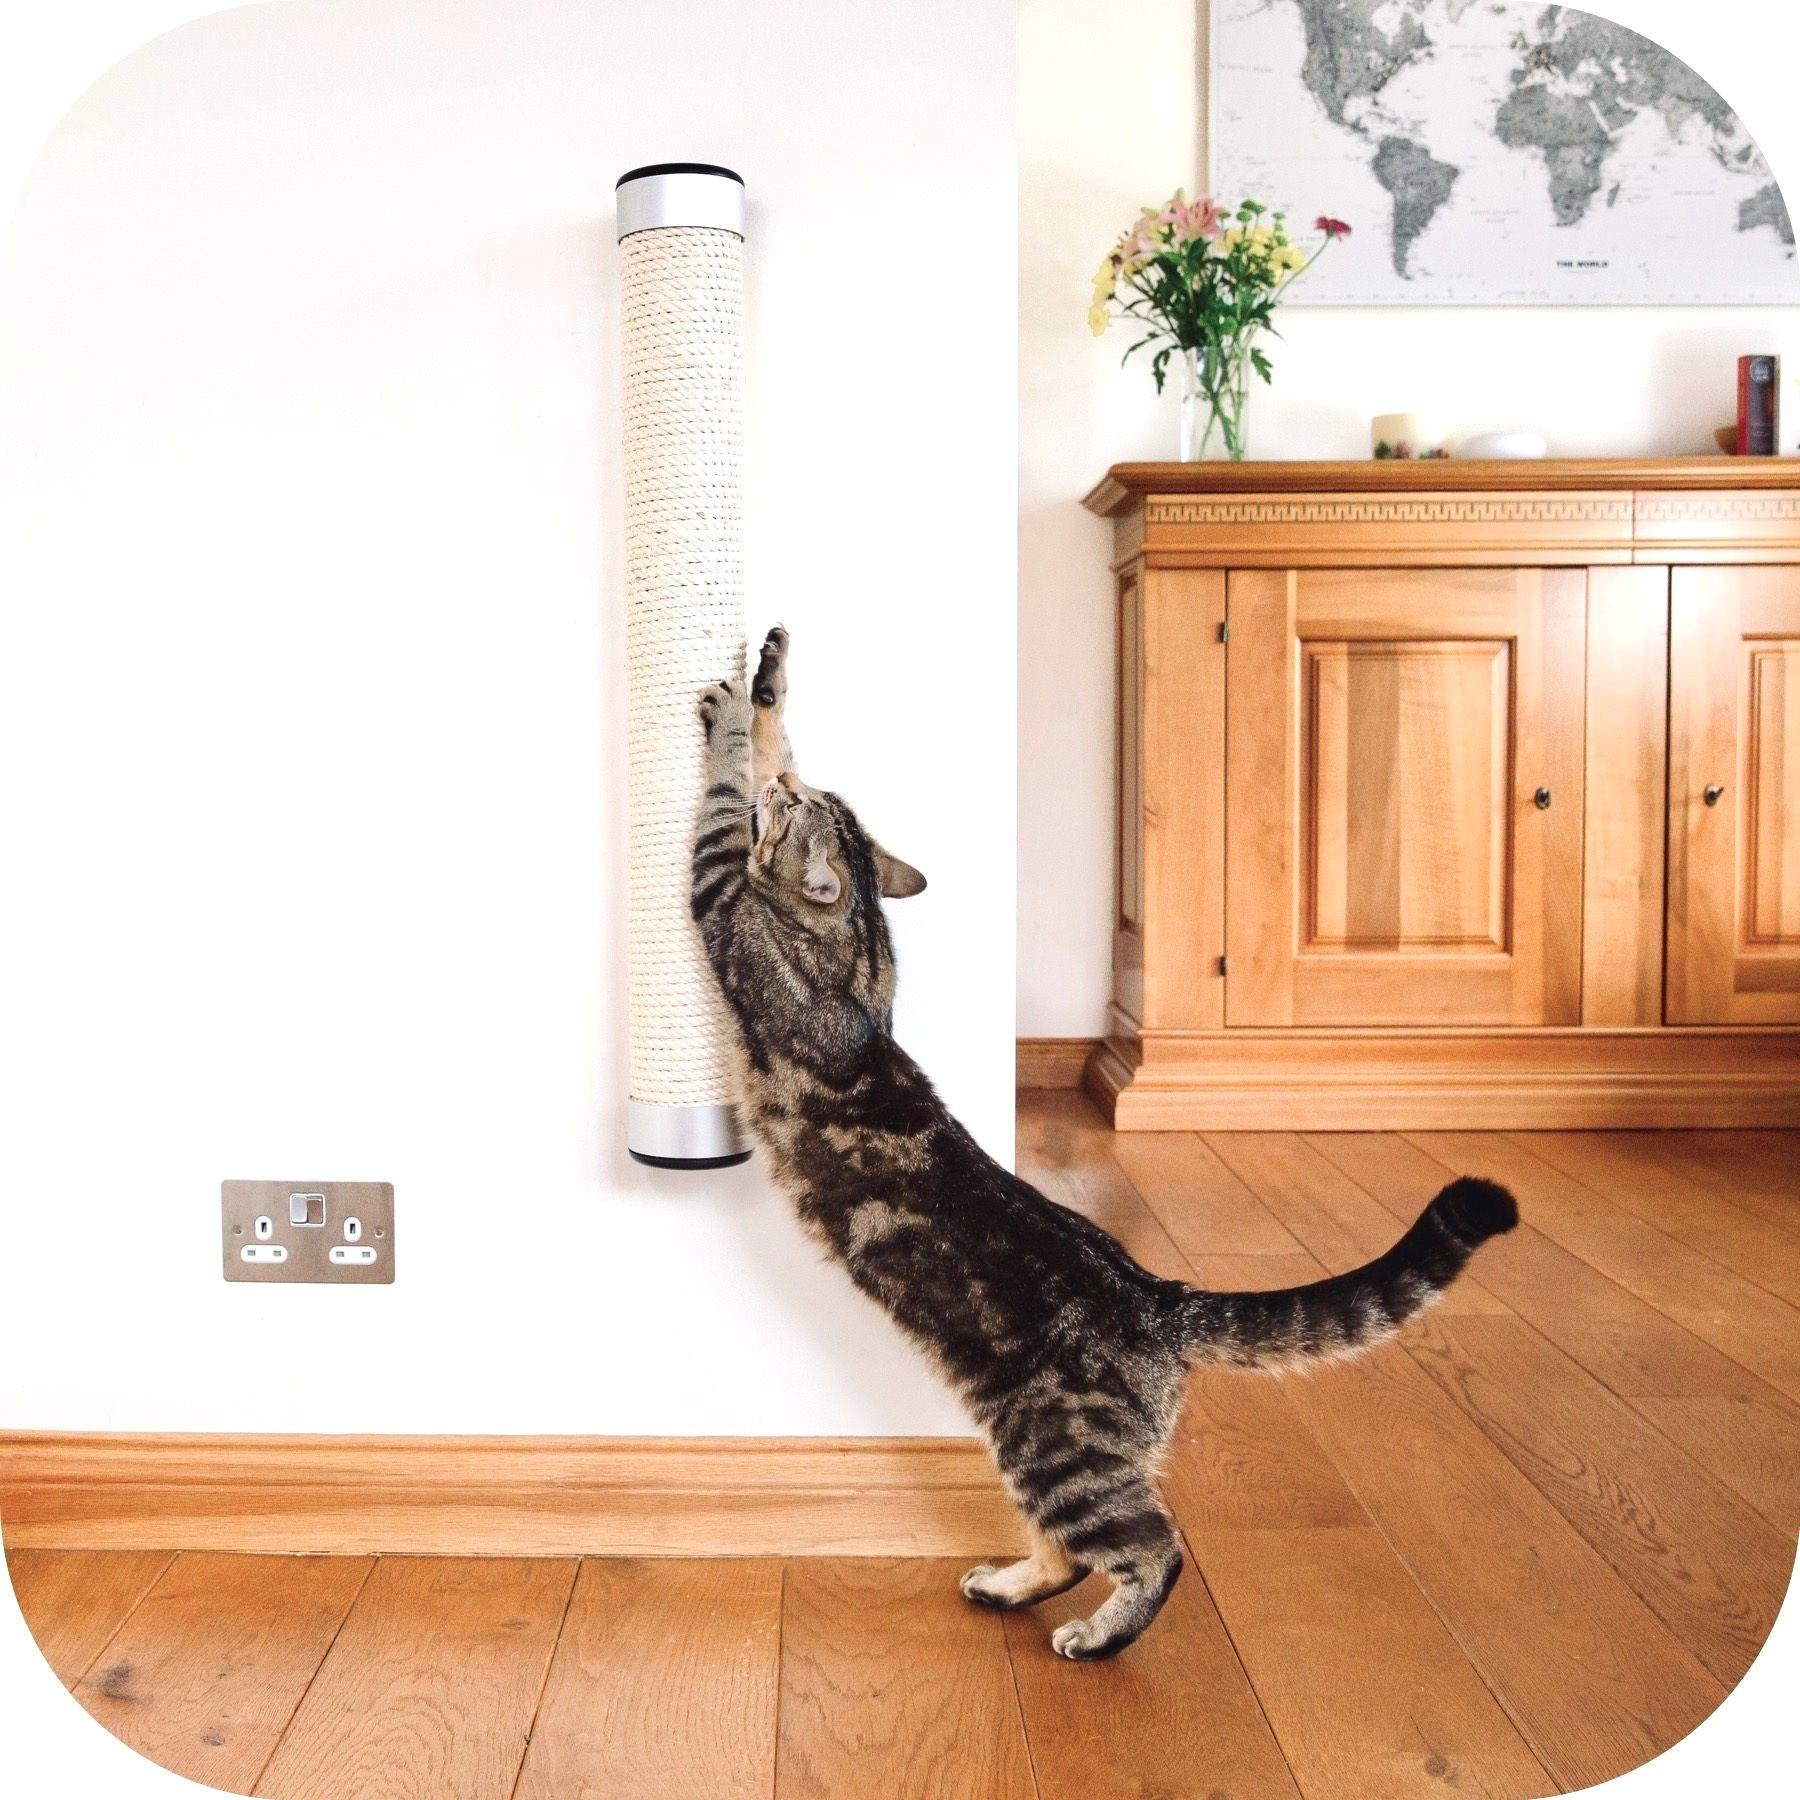 WallMounted Cat Scratcher Cat scratcher, Sisal rope, Cats